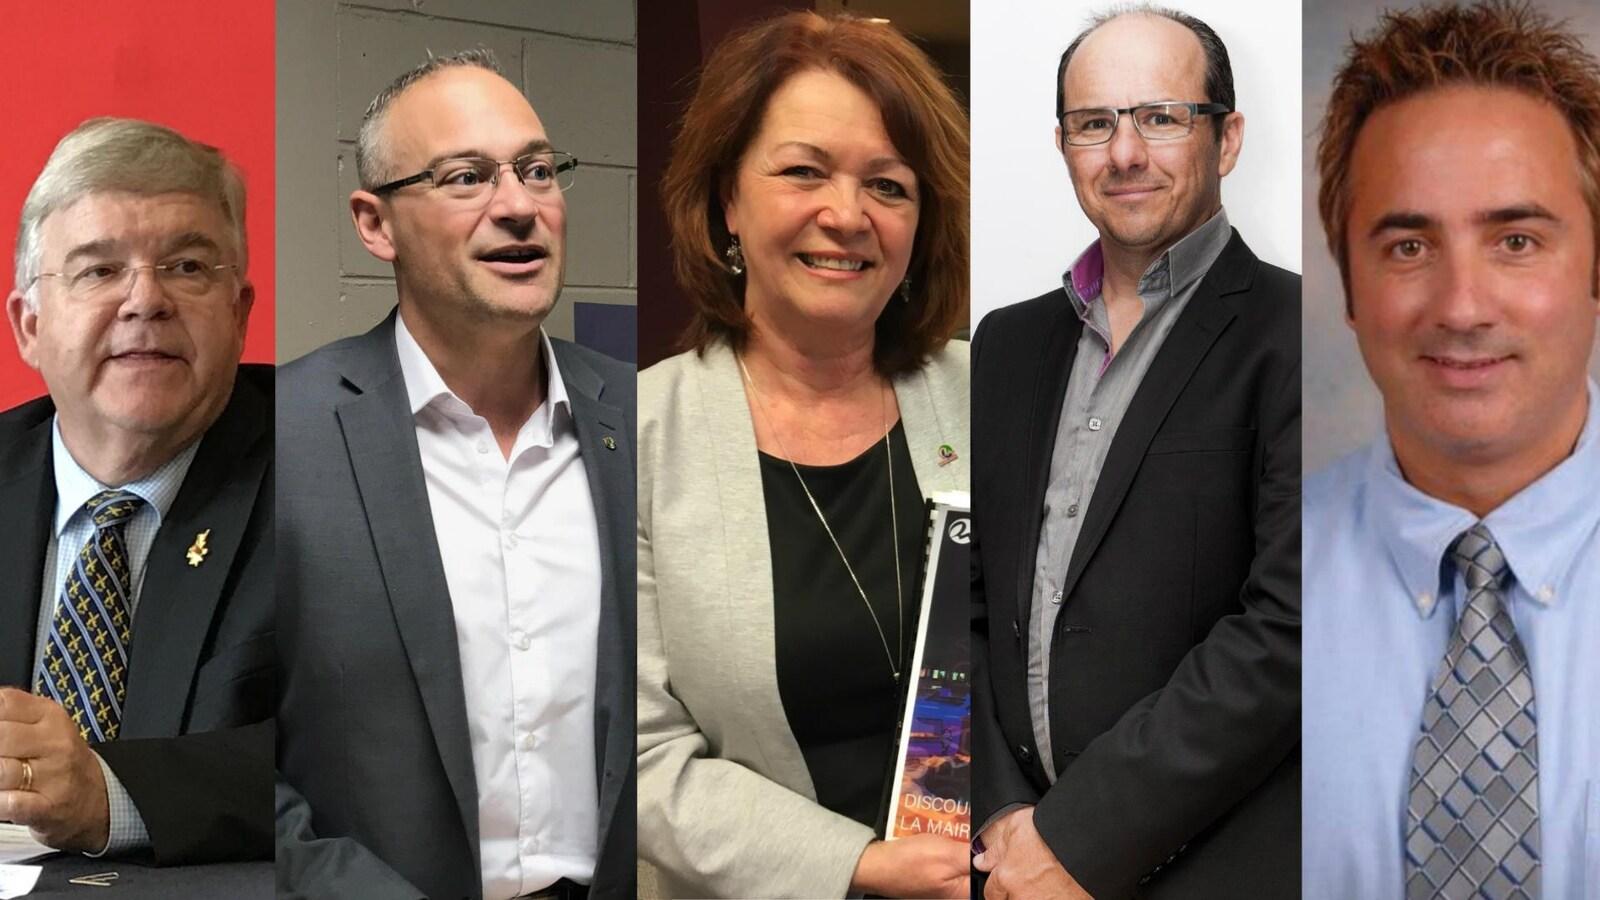 Un montage photo présente les maires des cinq principales villes de l'Abitibi-Témiscamingue.